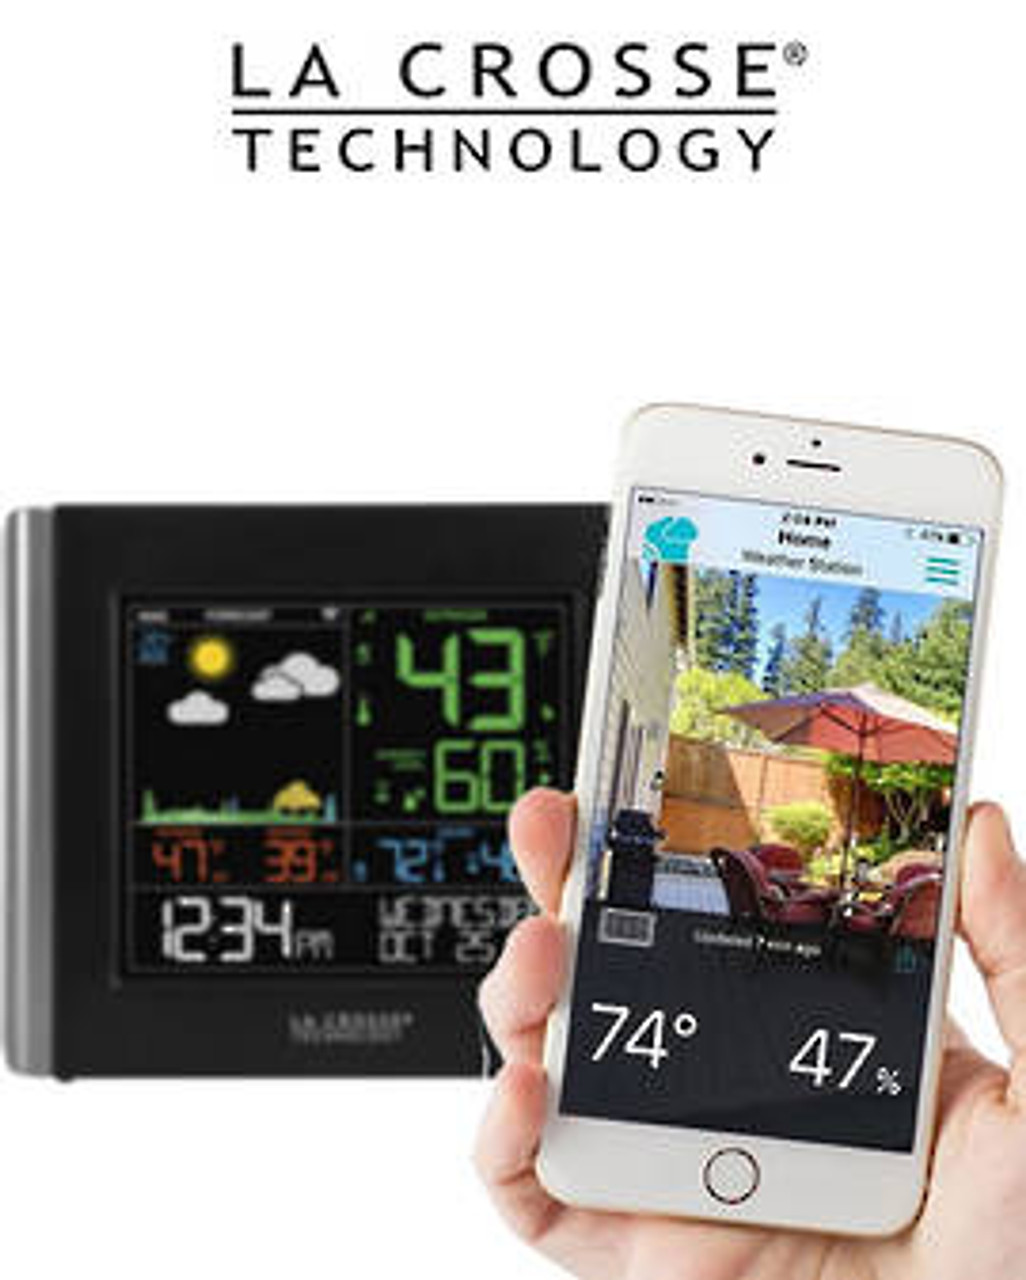 La Crosse V10-TH Remote Monitoring WiFi Colour Weather Station